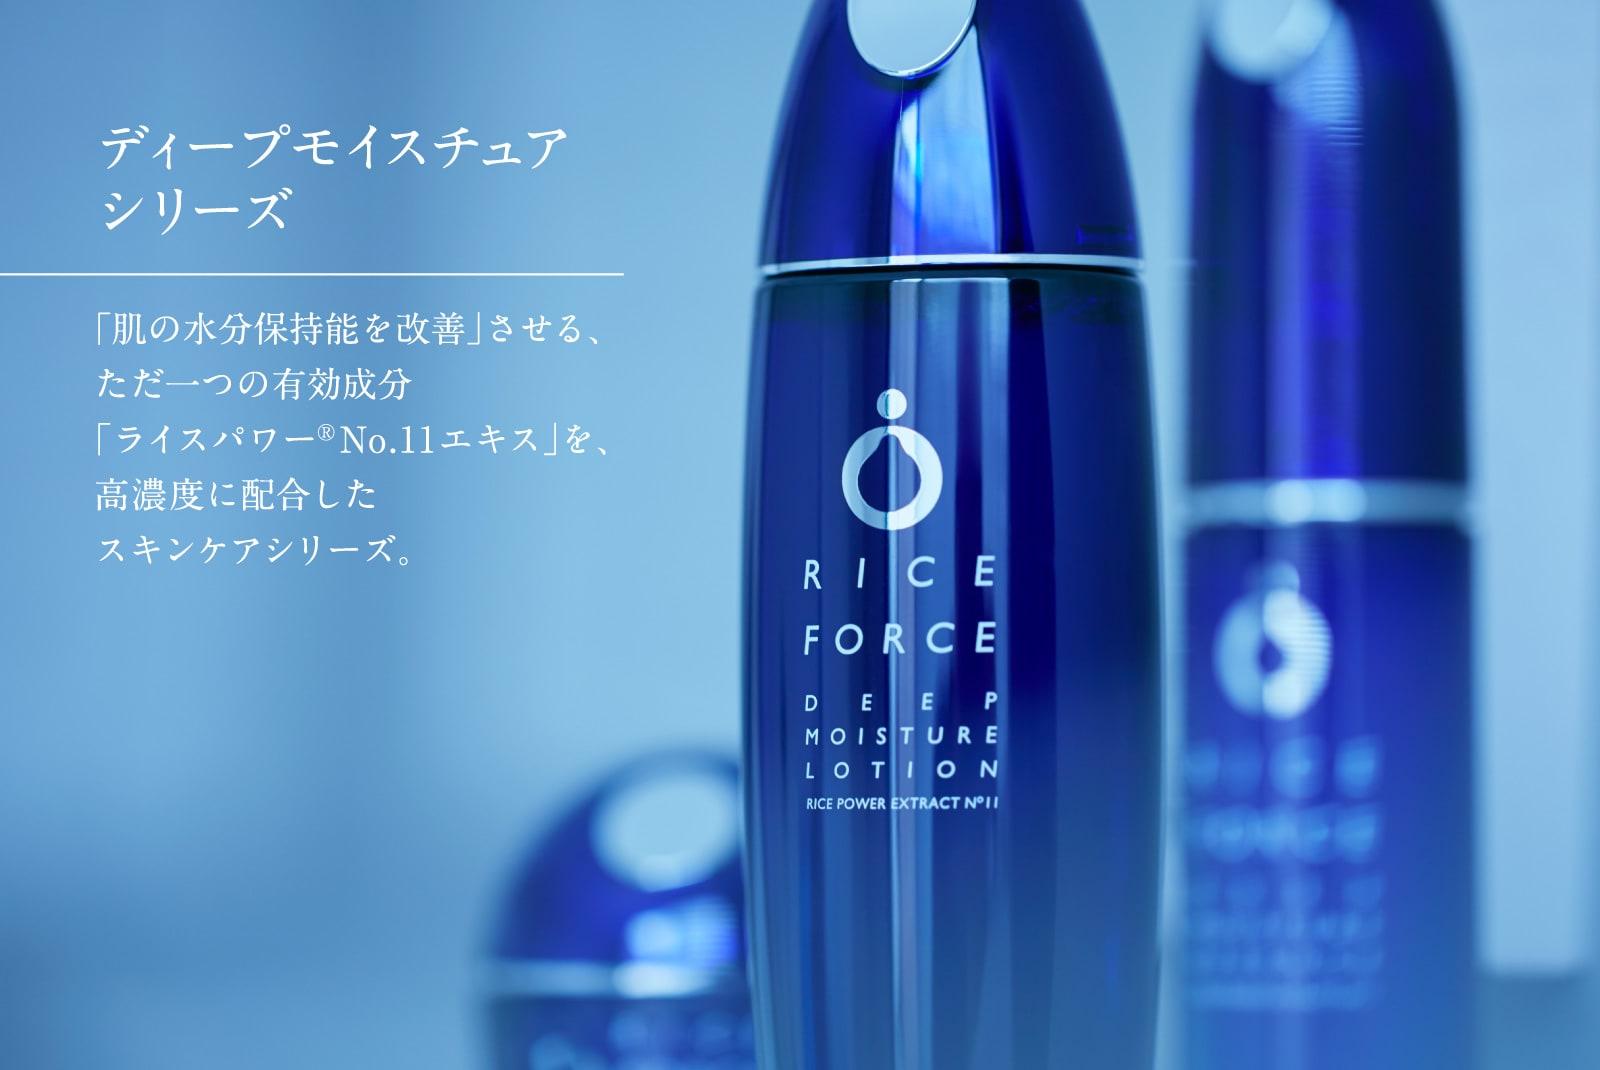 ディープモイスチュアシリーズ 「肌の水分保持能を改善」させる、ただ一つの有効成分「ライスパワー®No.11エキス」を、高濃度に配合したスキンケアシリーズ。